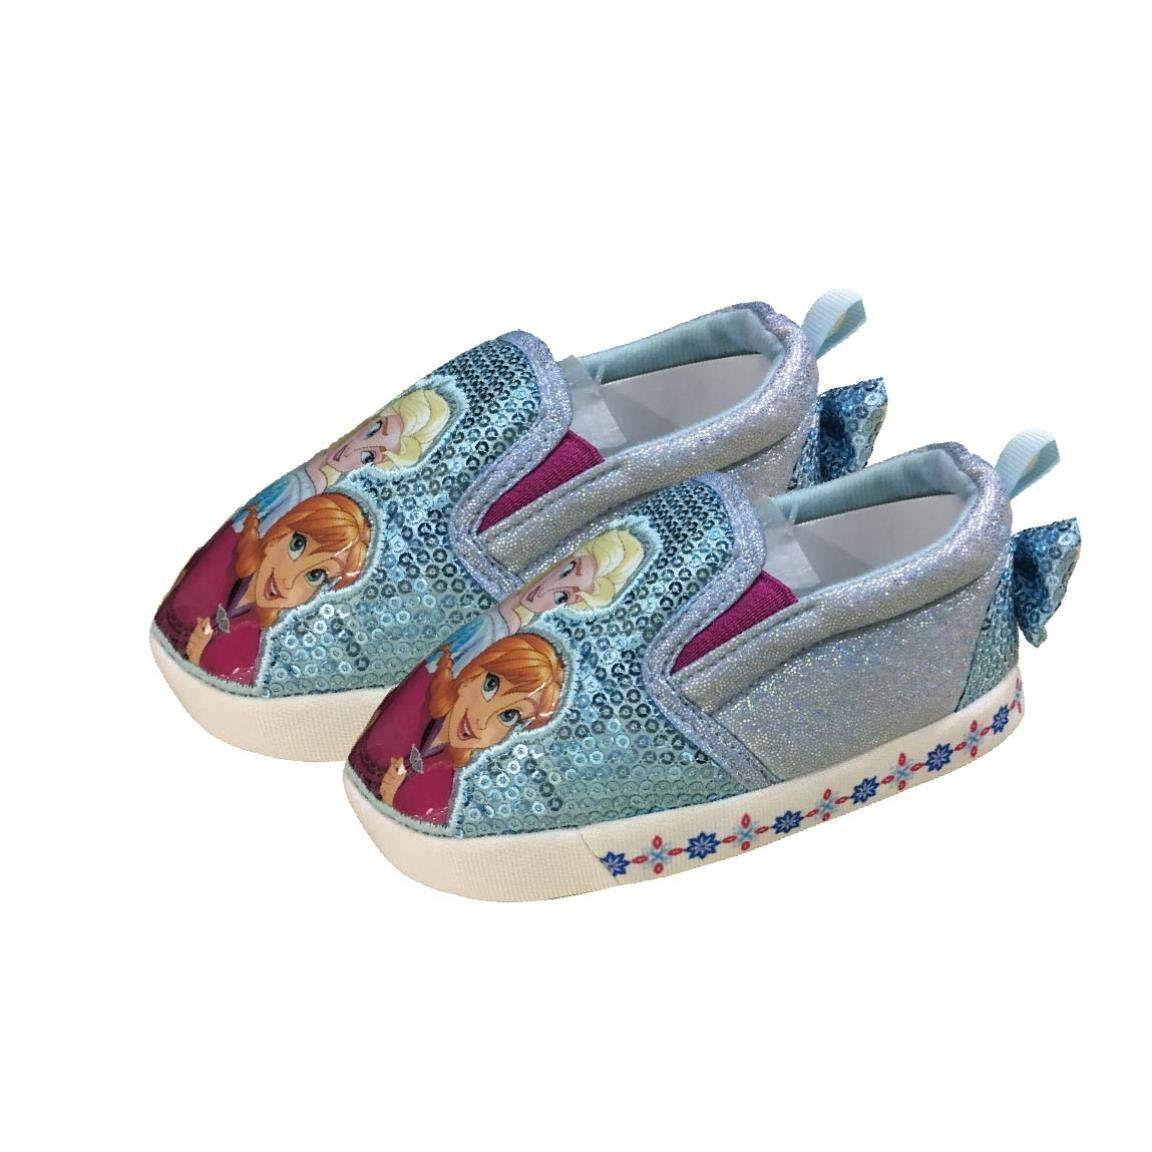 b97c9bac9 Zapatos para niña Cerdá Zapatillas de Casa Francesita Frozen Niñas ...